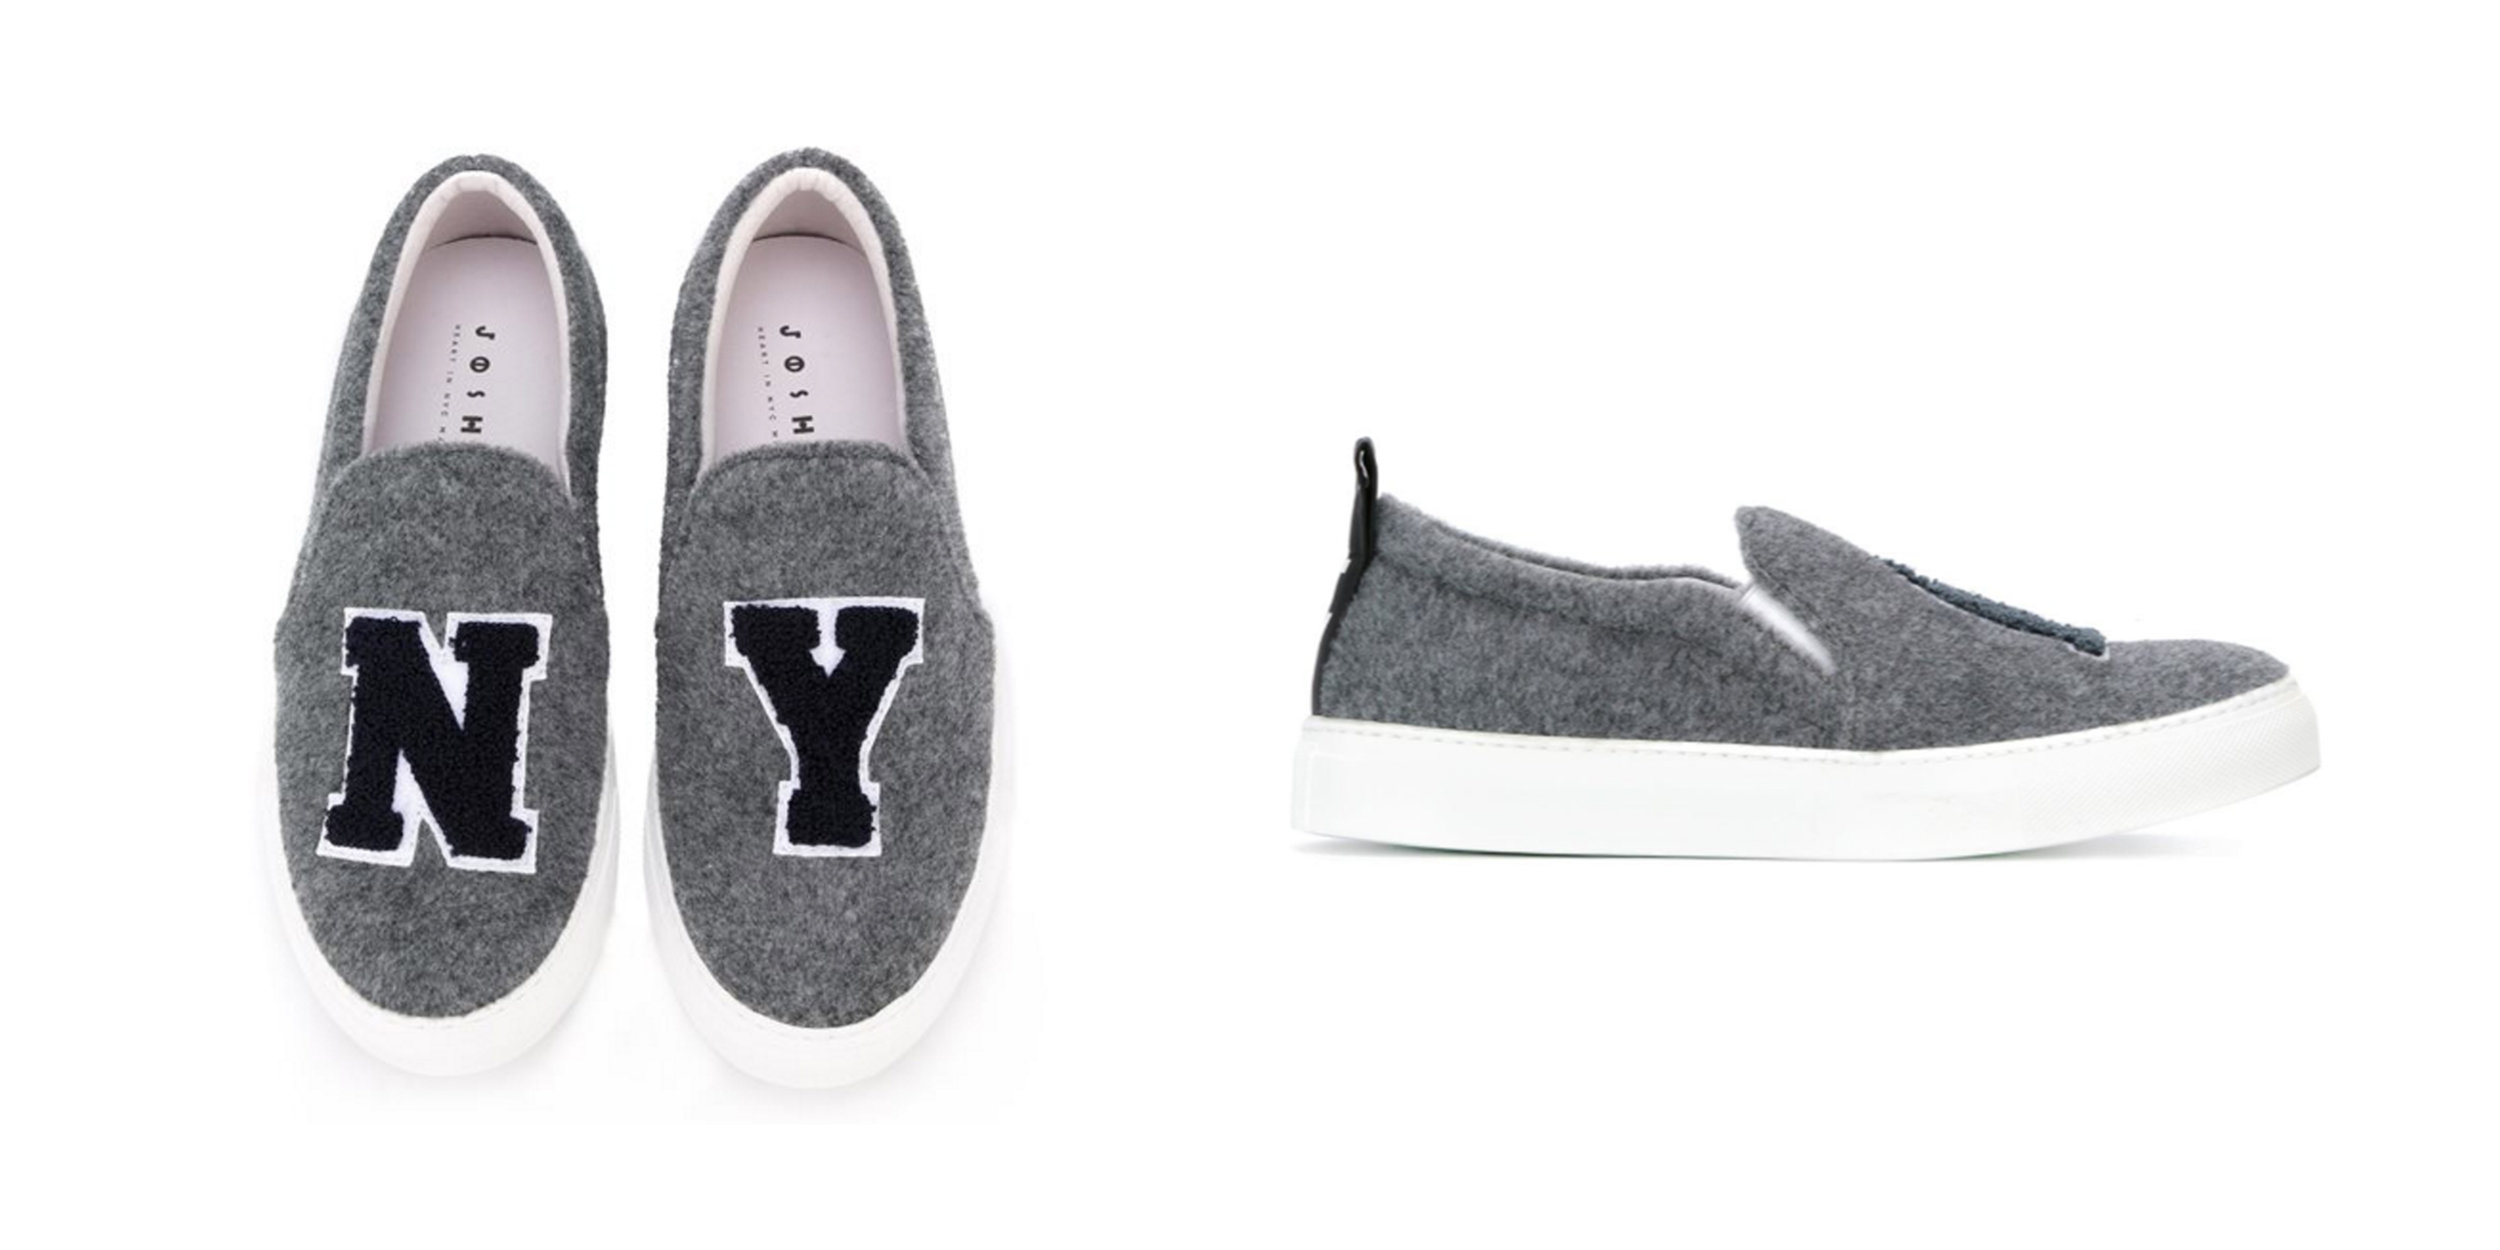 STEAL: Wool Slip On Sneakers,  Joshua Sanders ,$272.74